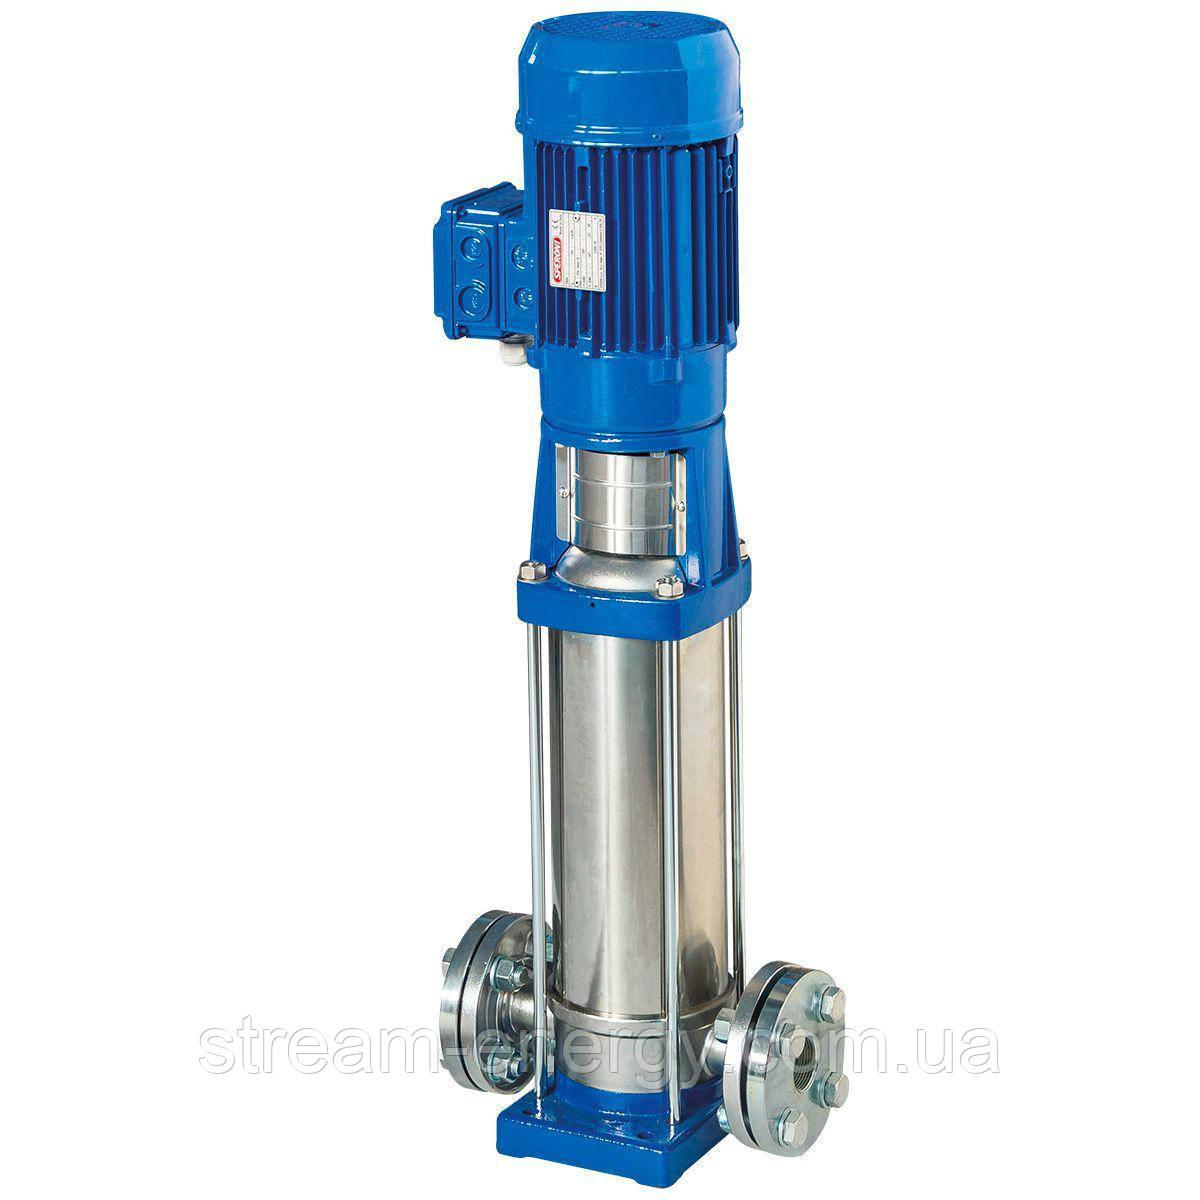 Вертикальный насос для воды Speroni VS 4-16, напор 152м